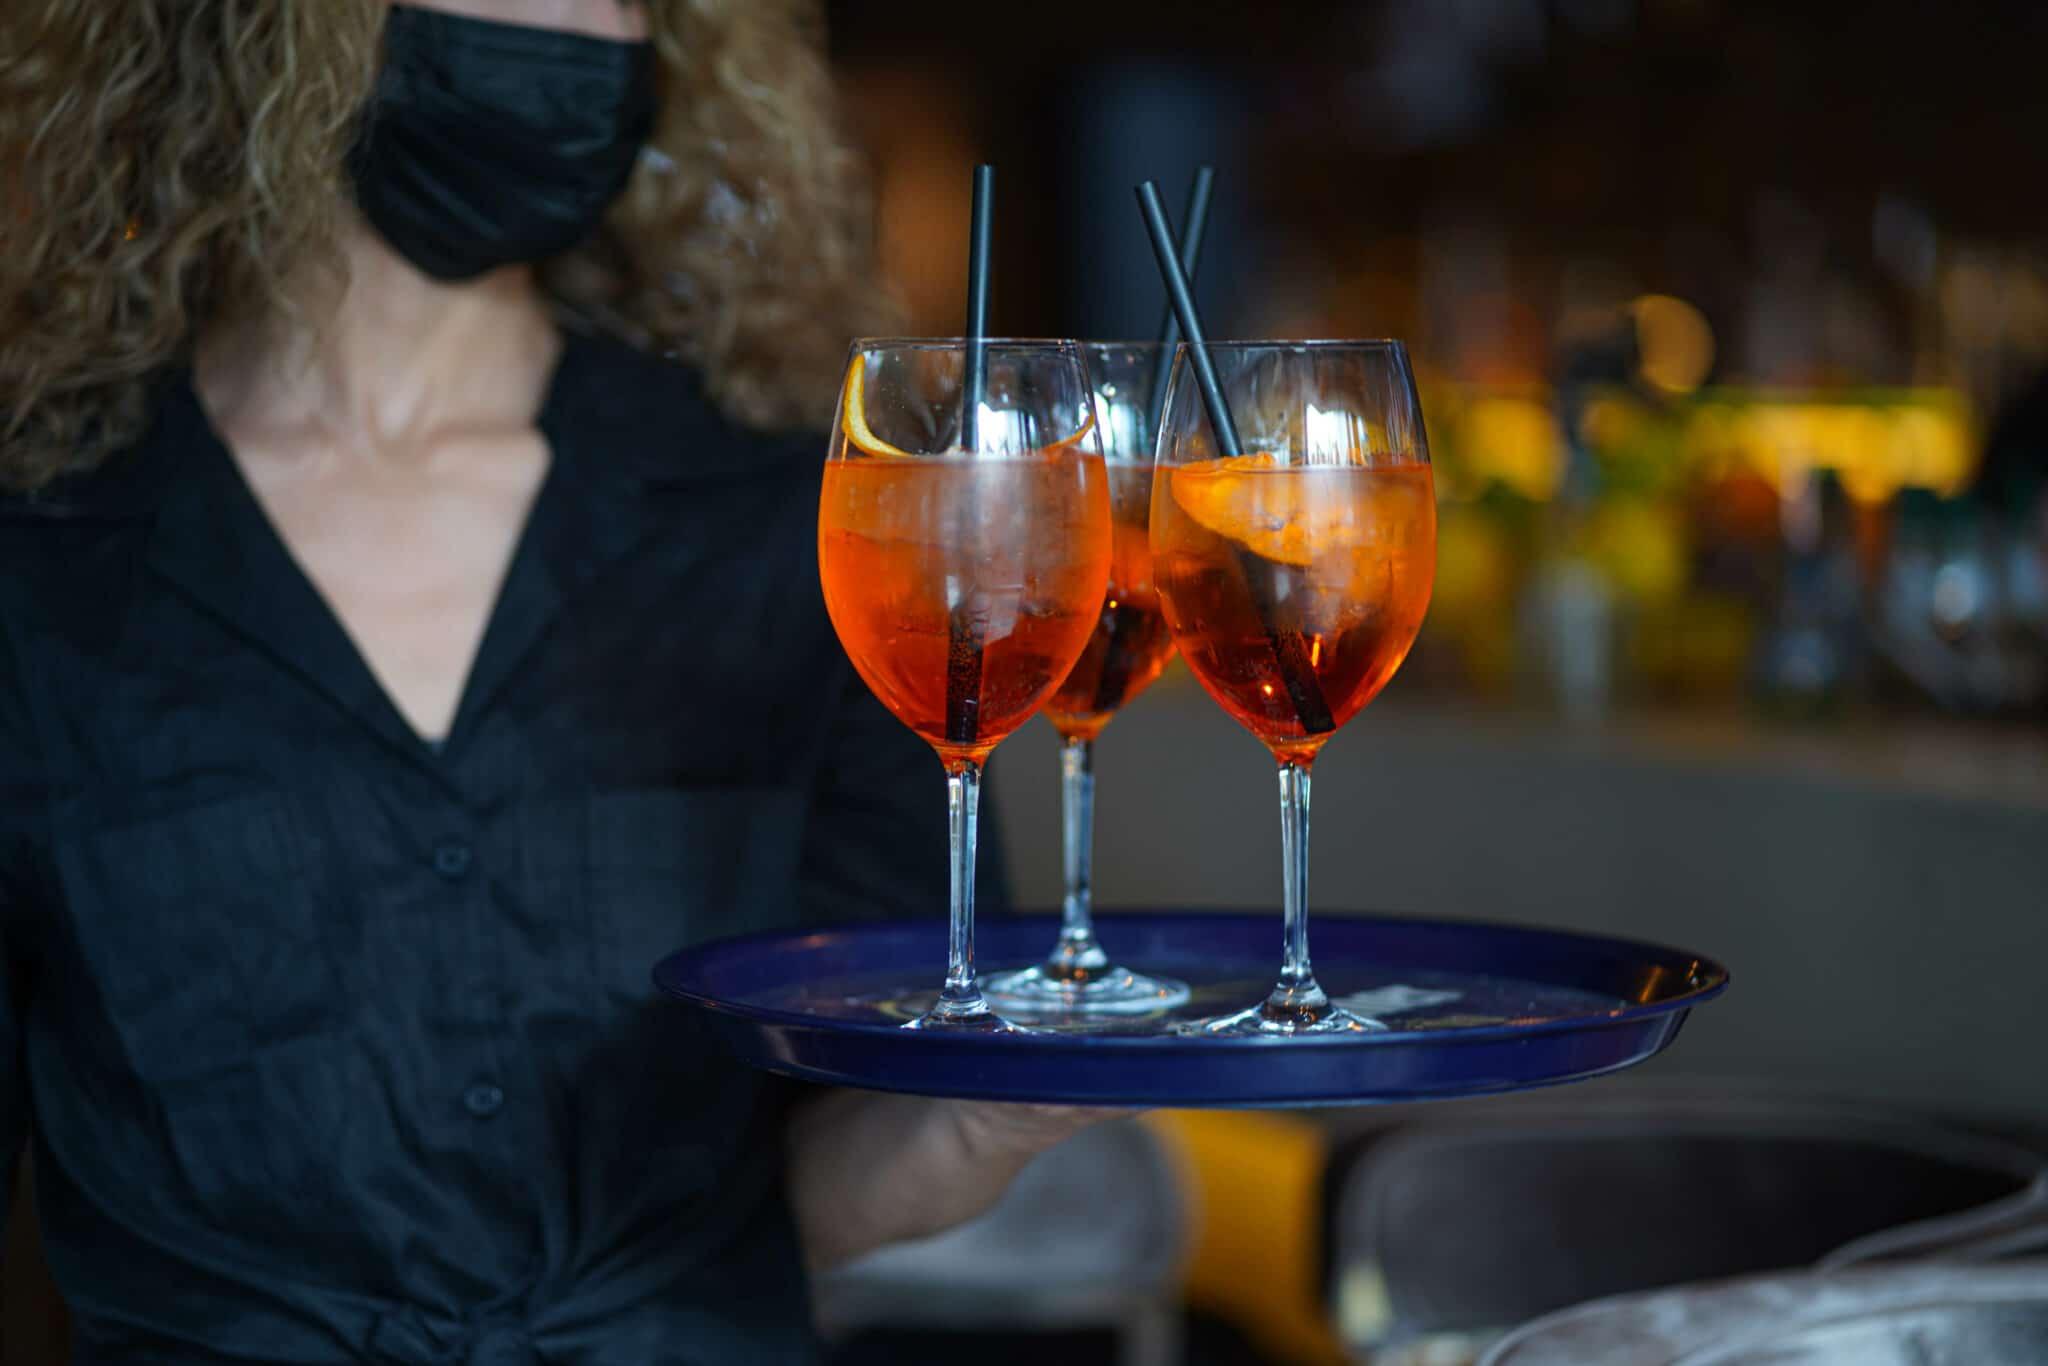 Eine Kellnerin mit Mund-Nasen-Maske trägt ein Tablett mit drei Gläsern Aperol Spritz.